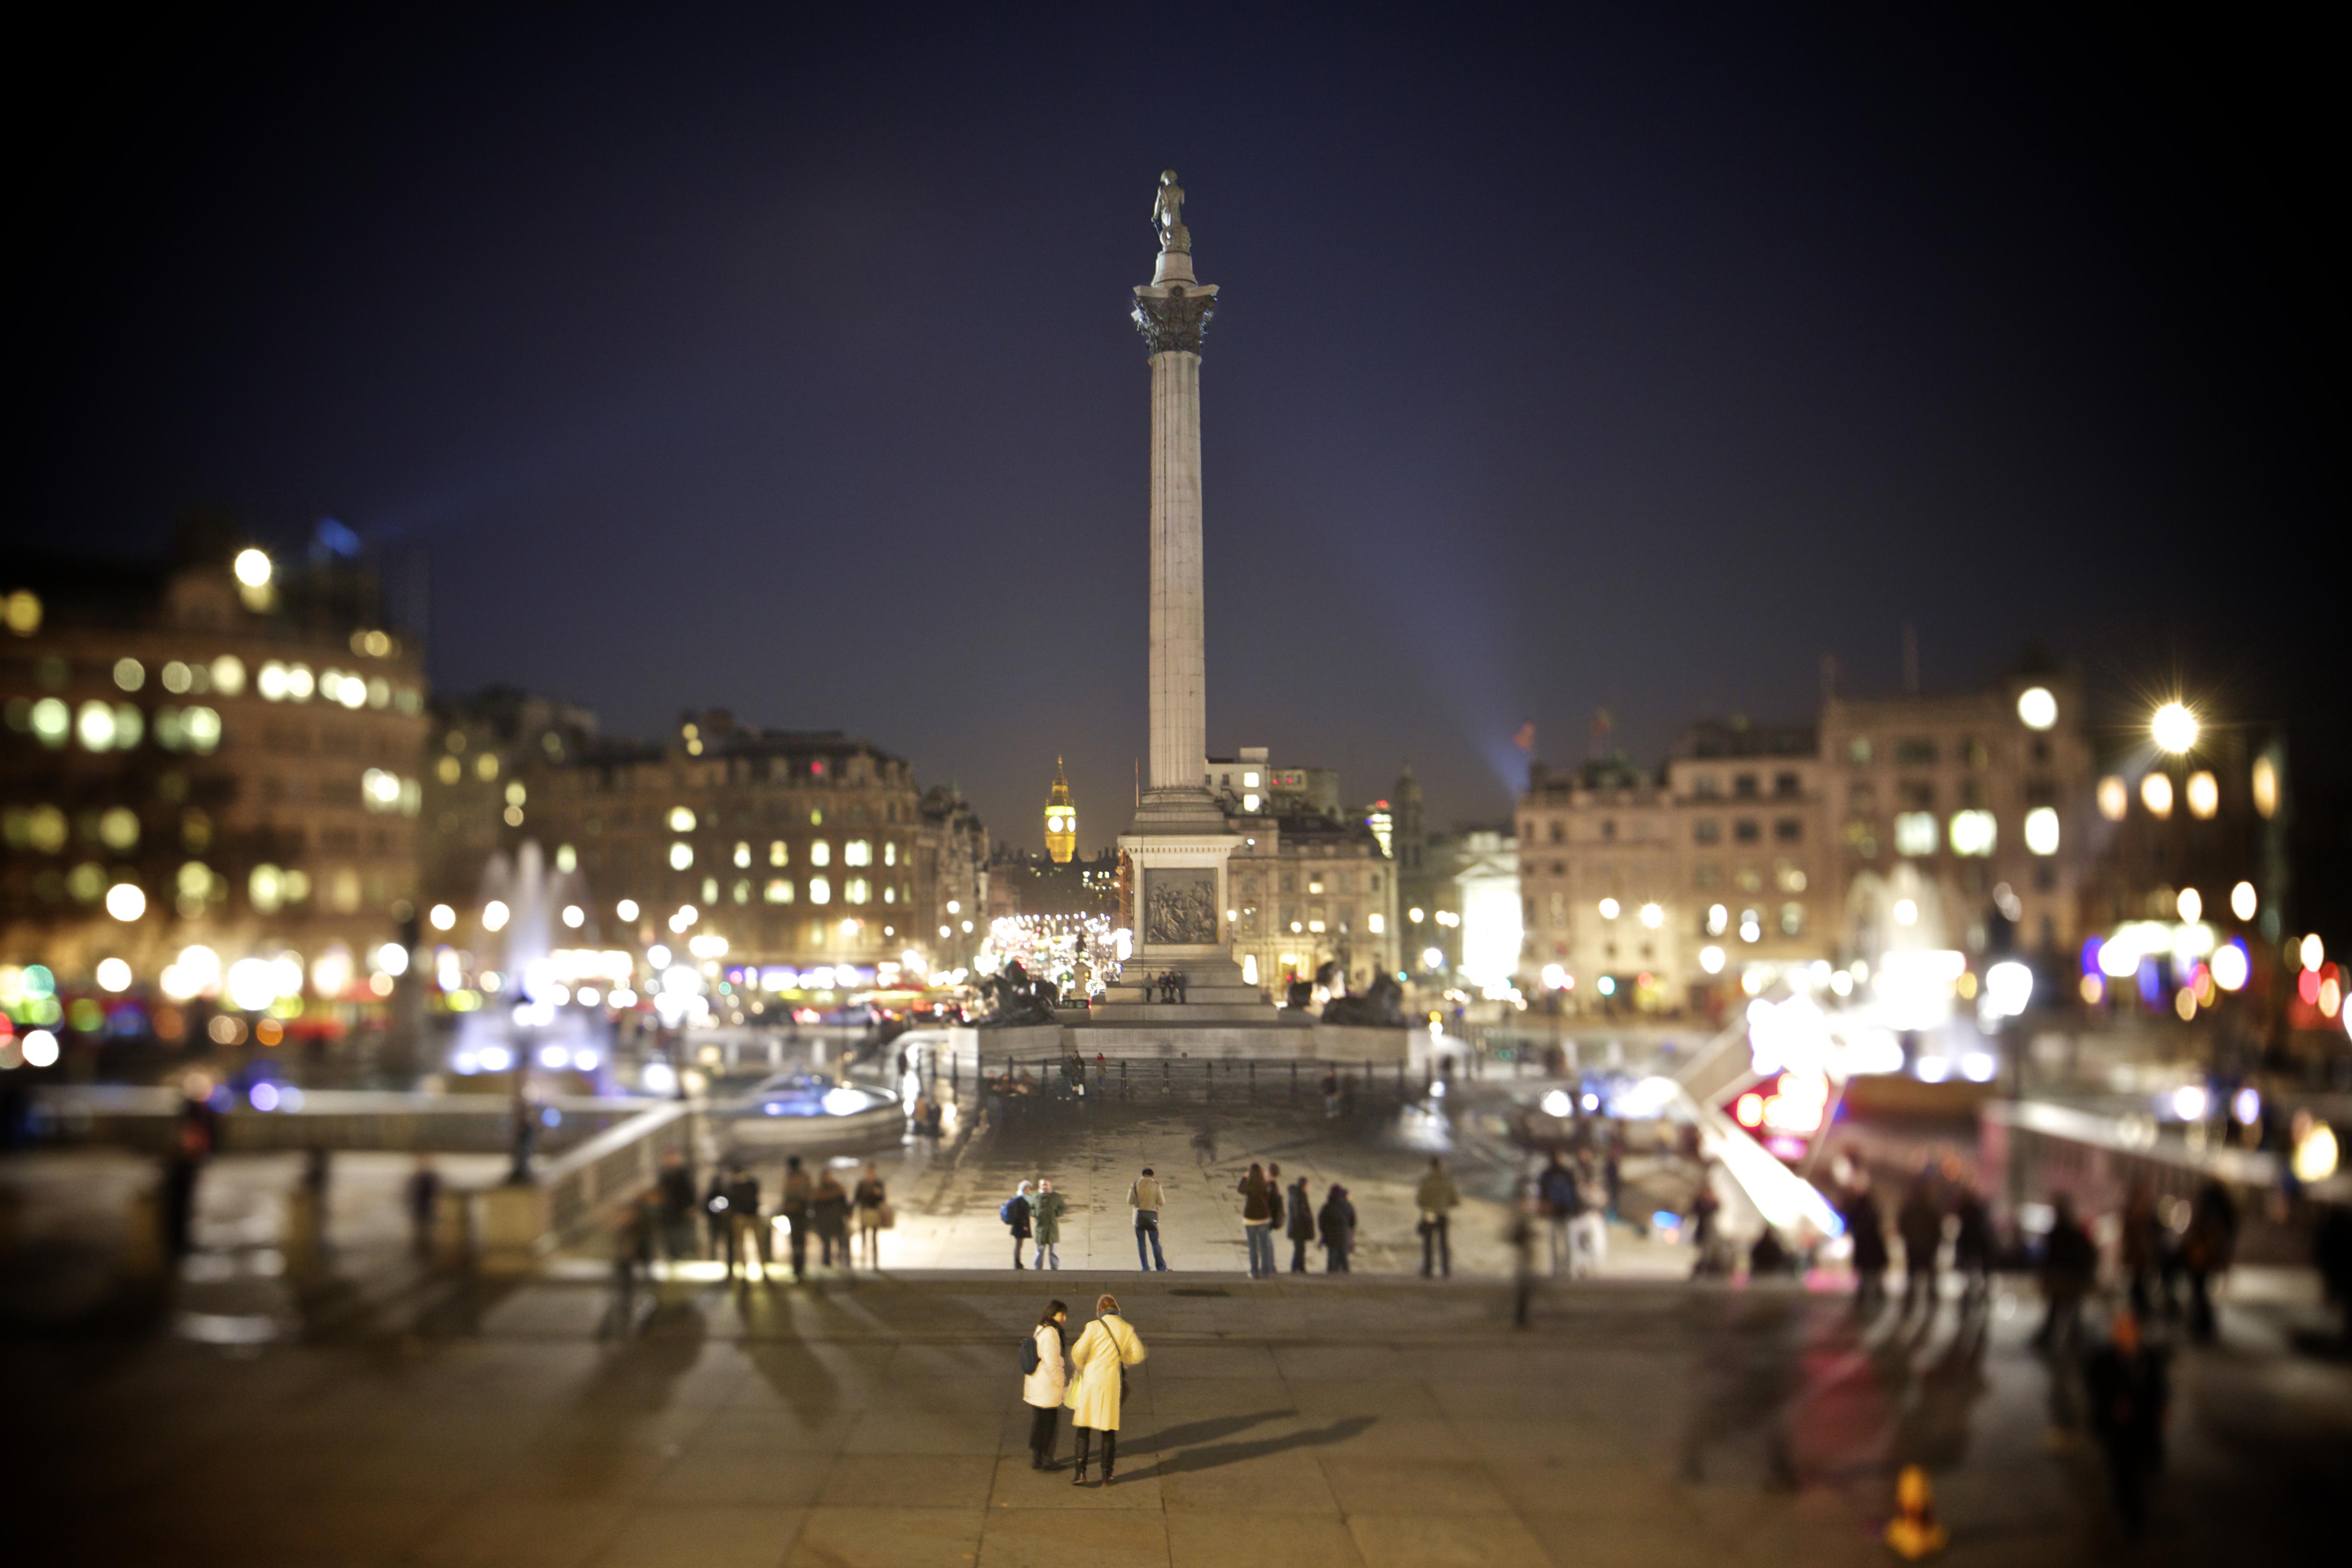 Description trafalgar square at night